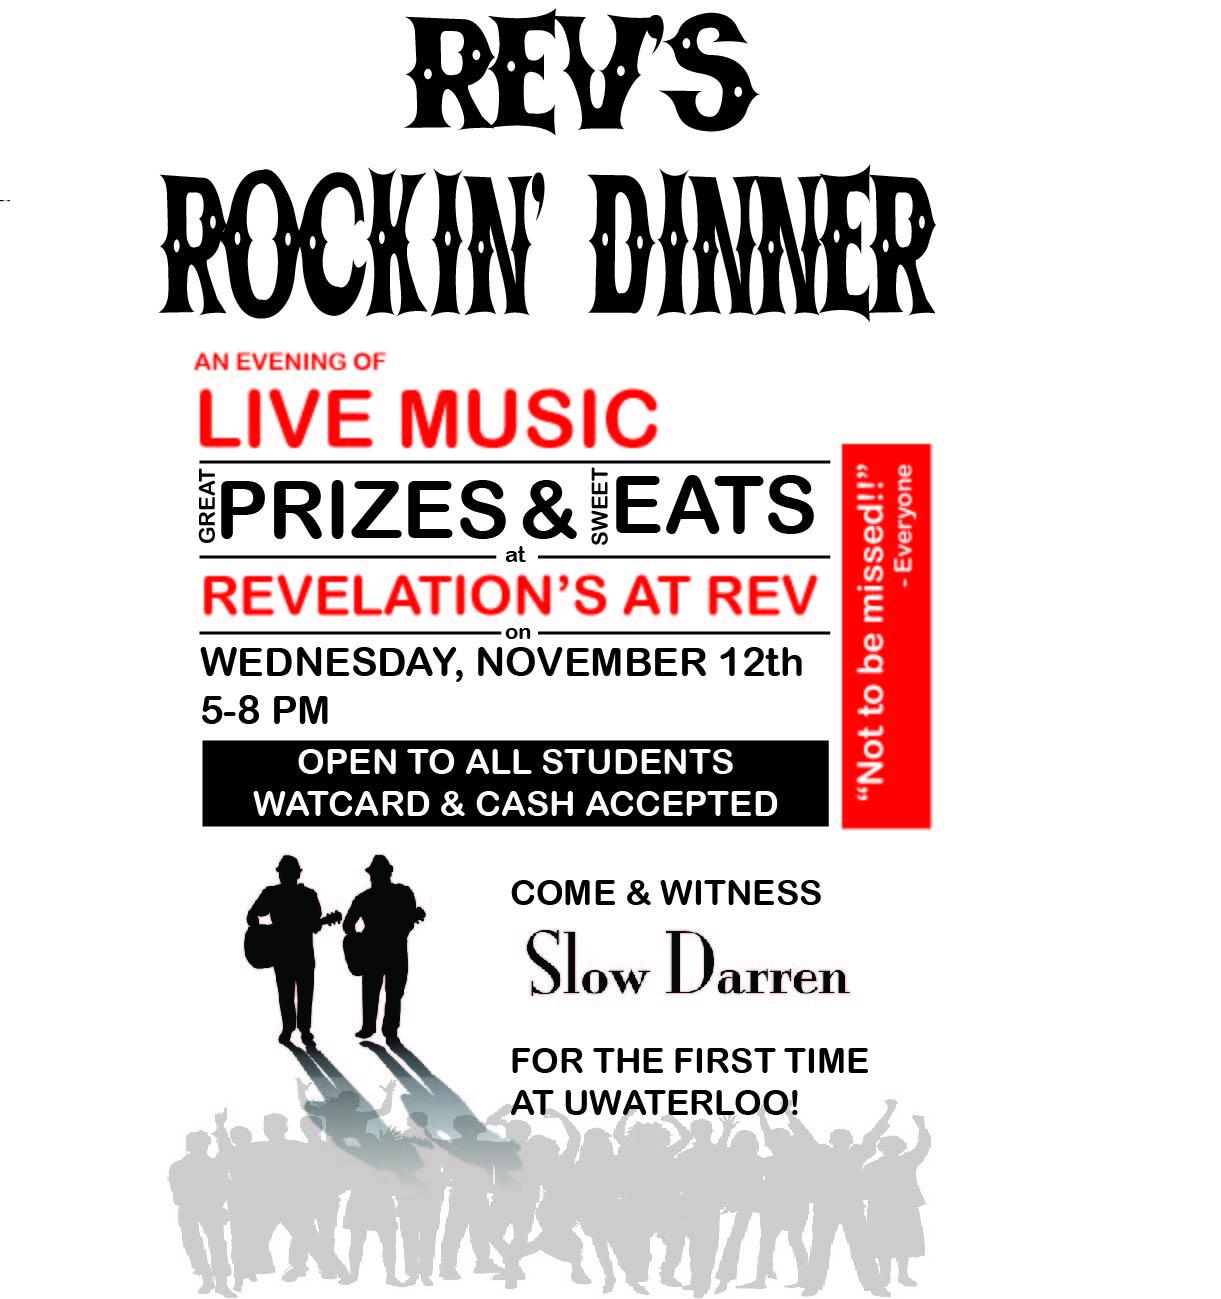 REV's Rockin' Dinner